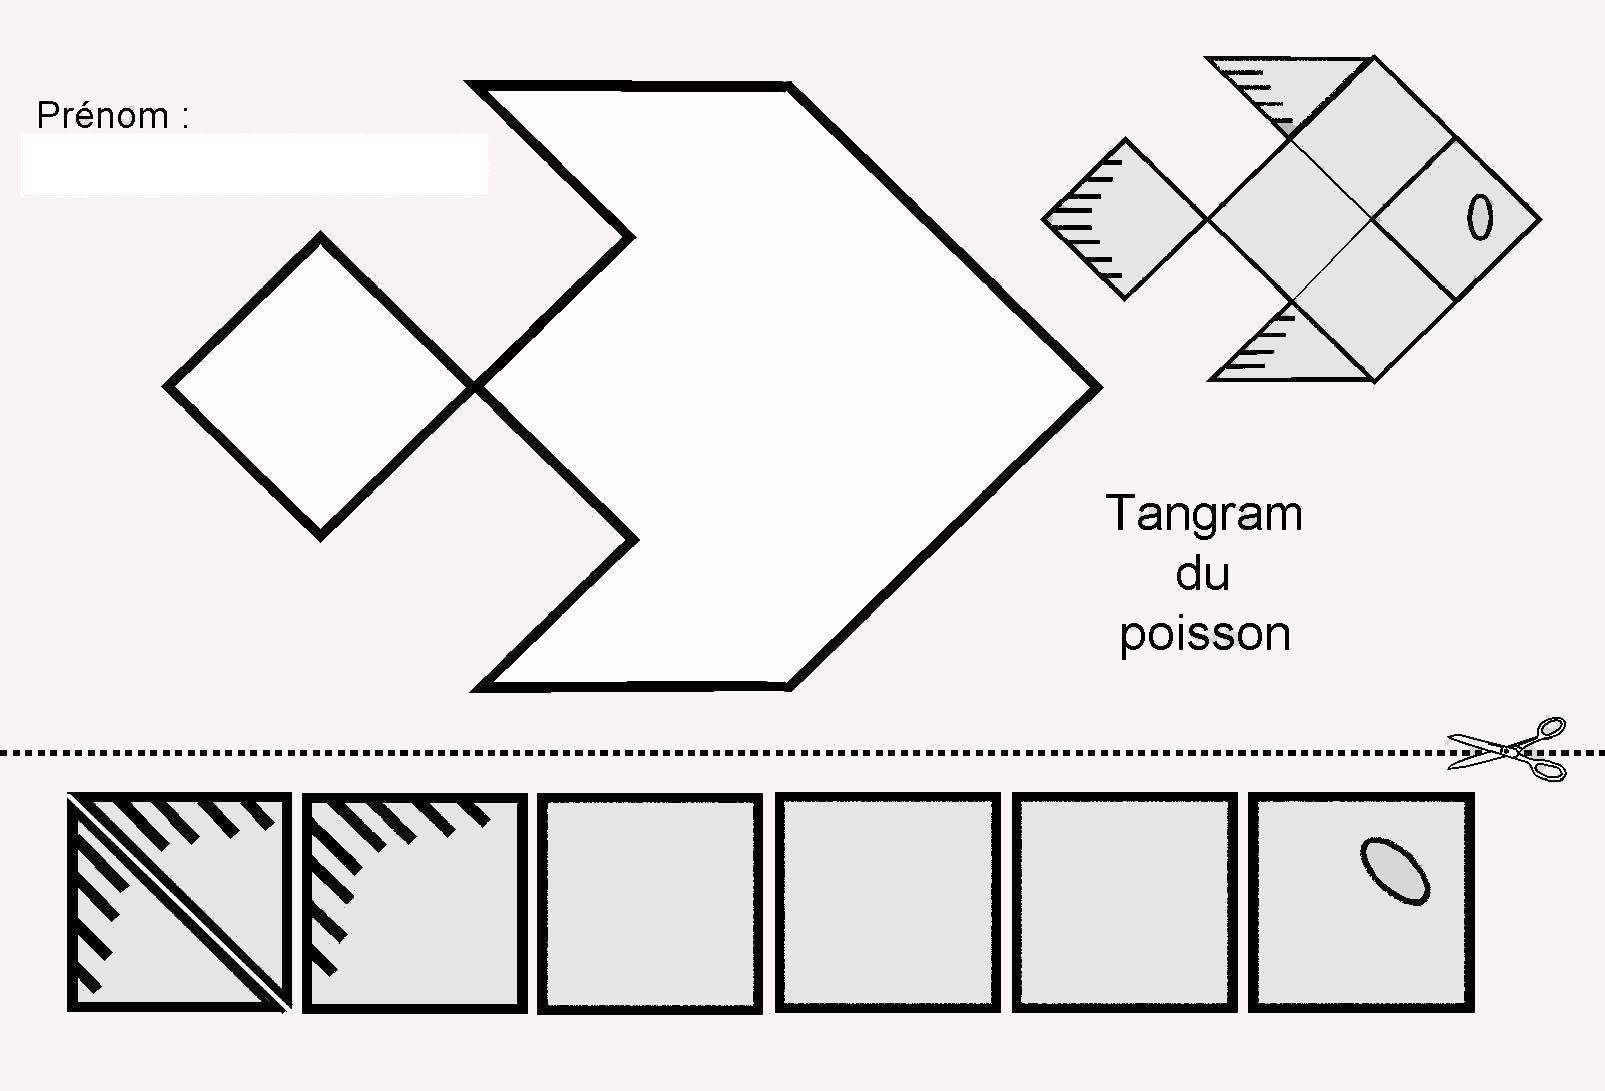 Tangram Du Poisson : Figures Et Pièces Pour Maternelle à Tangram En Maternelle